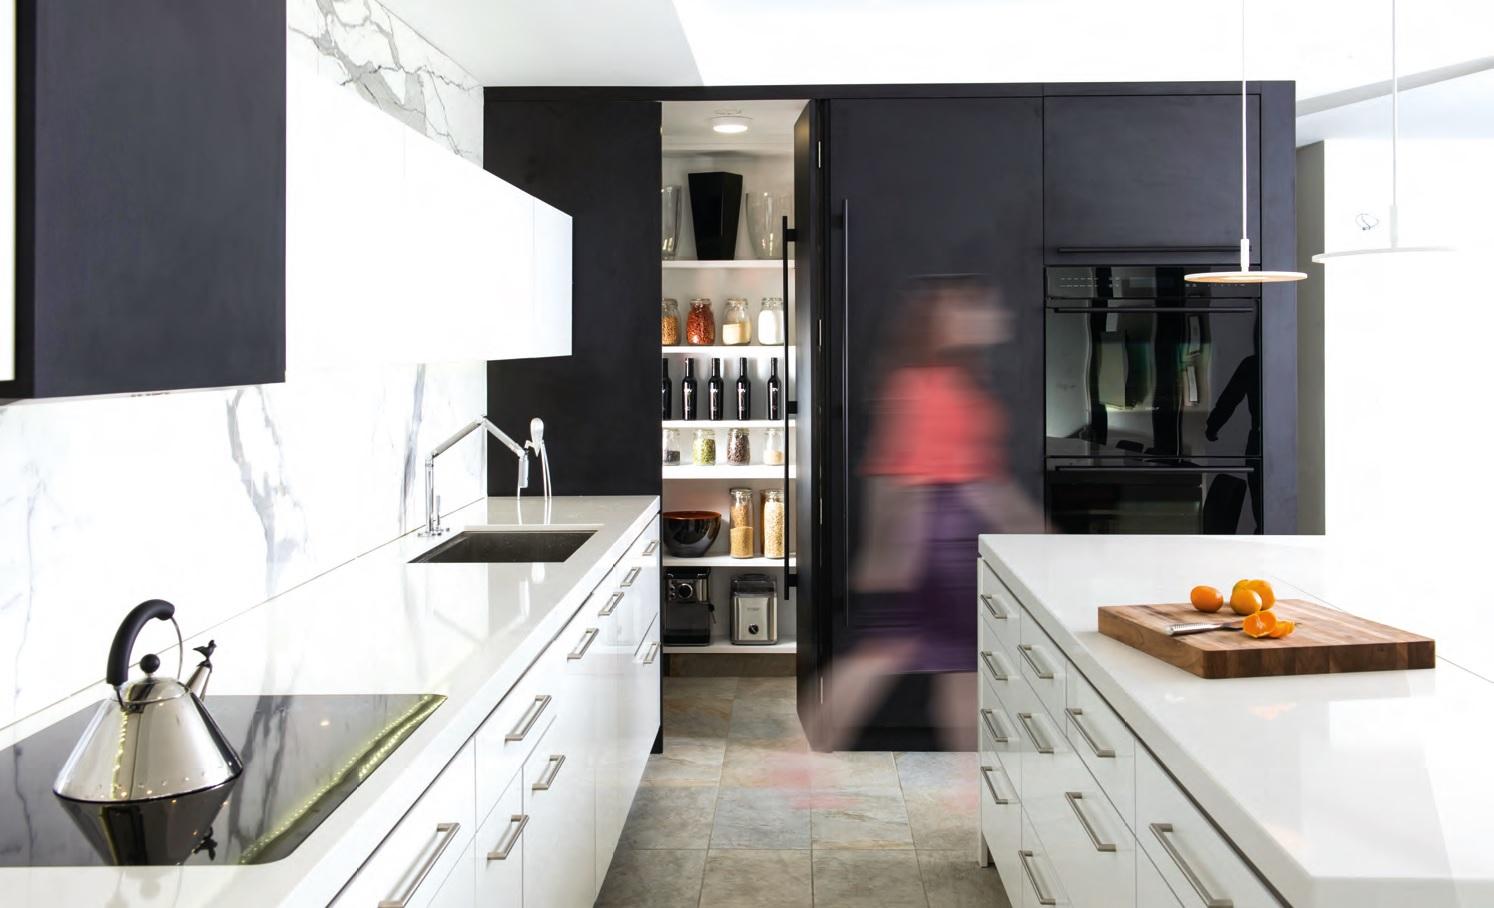 Cucina Moderna Al Centro Della Casa Ville&Casali #B56616 1494 908 Arredare Mensole Cucina Moderna